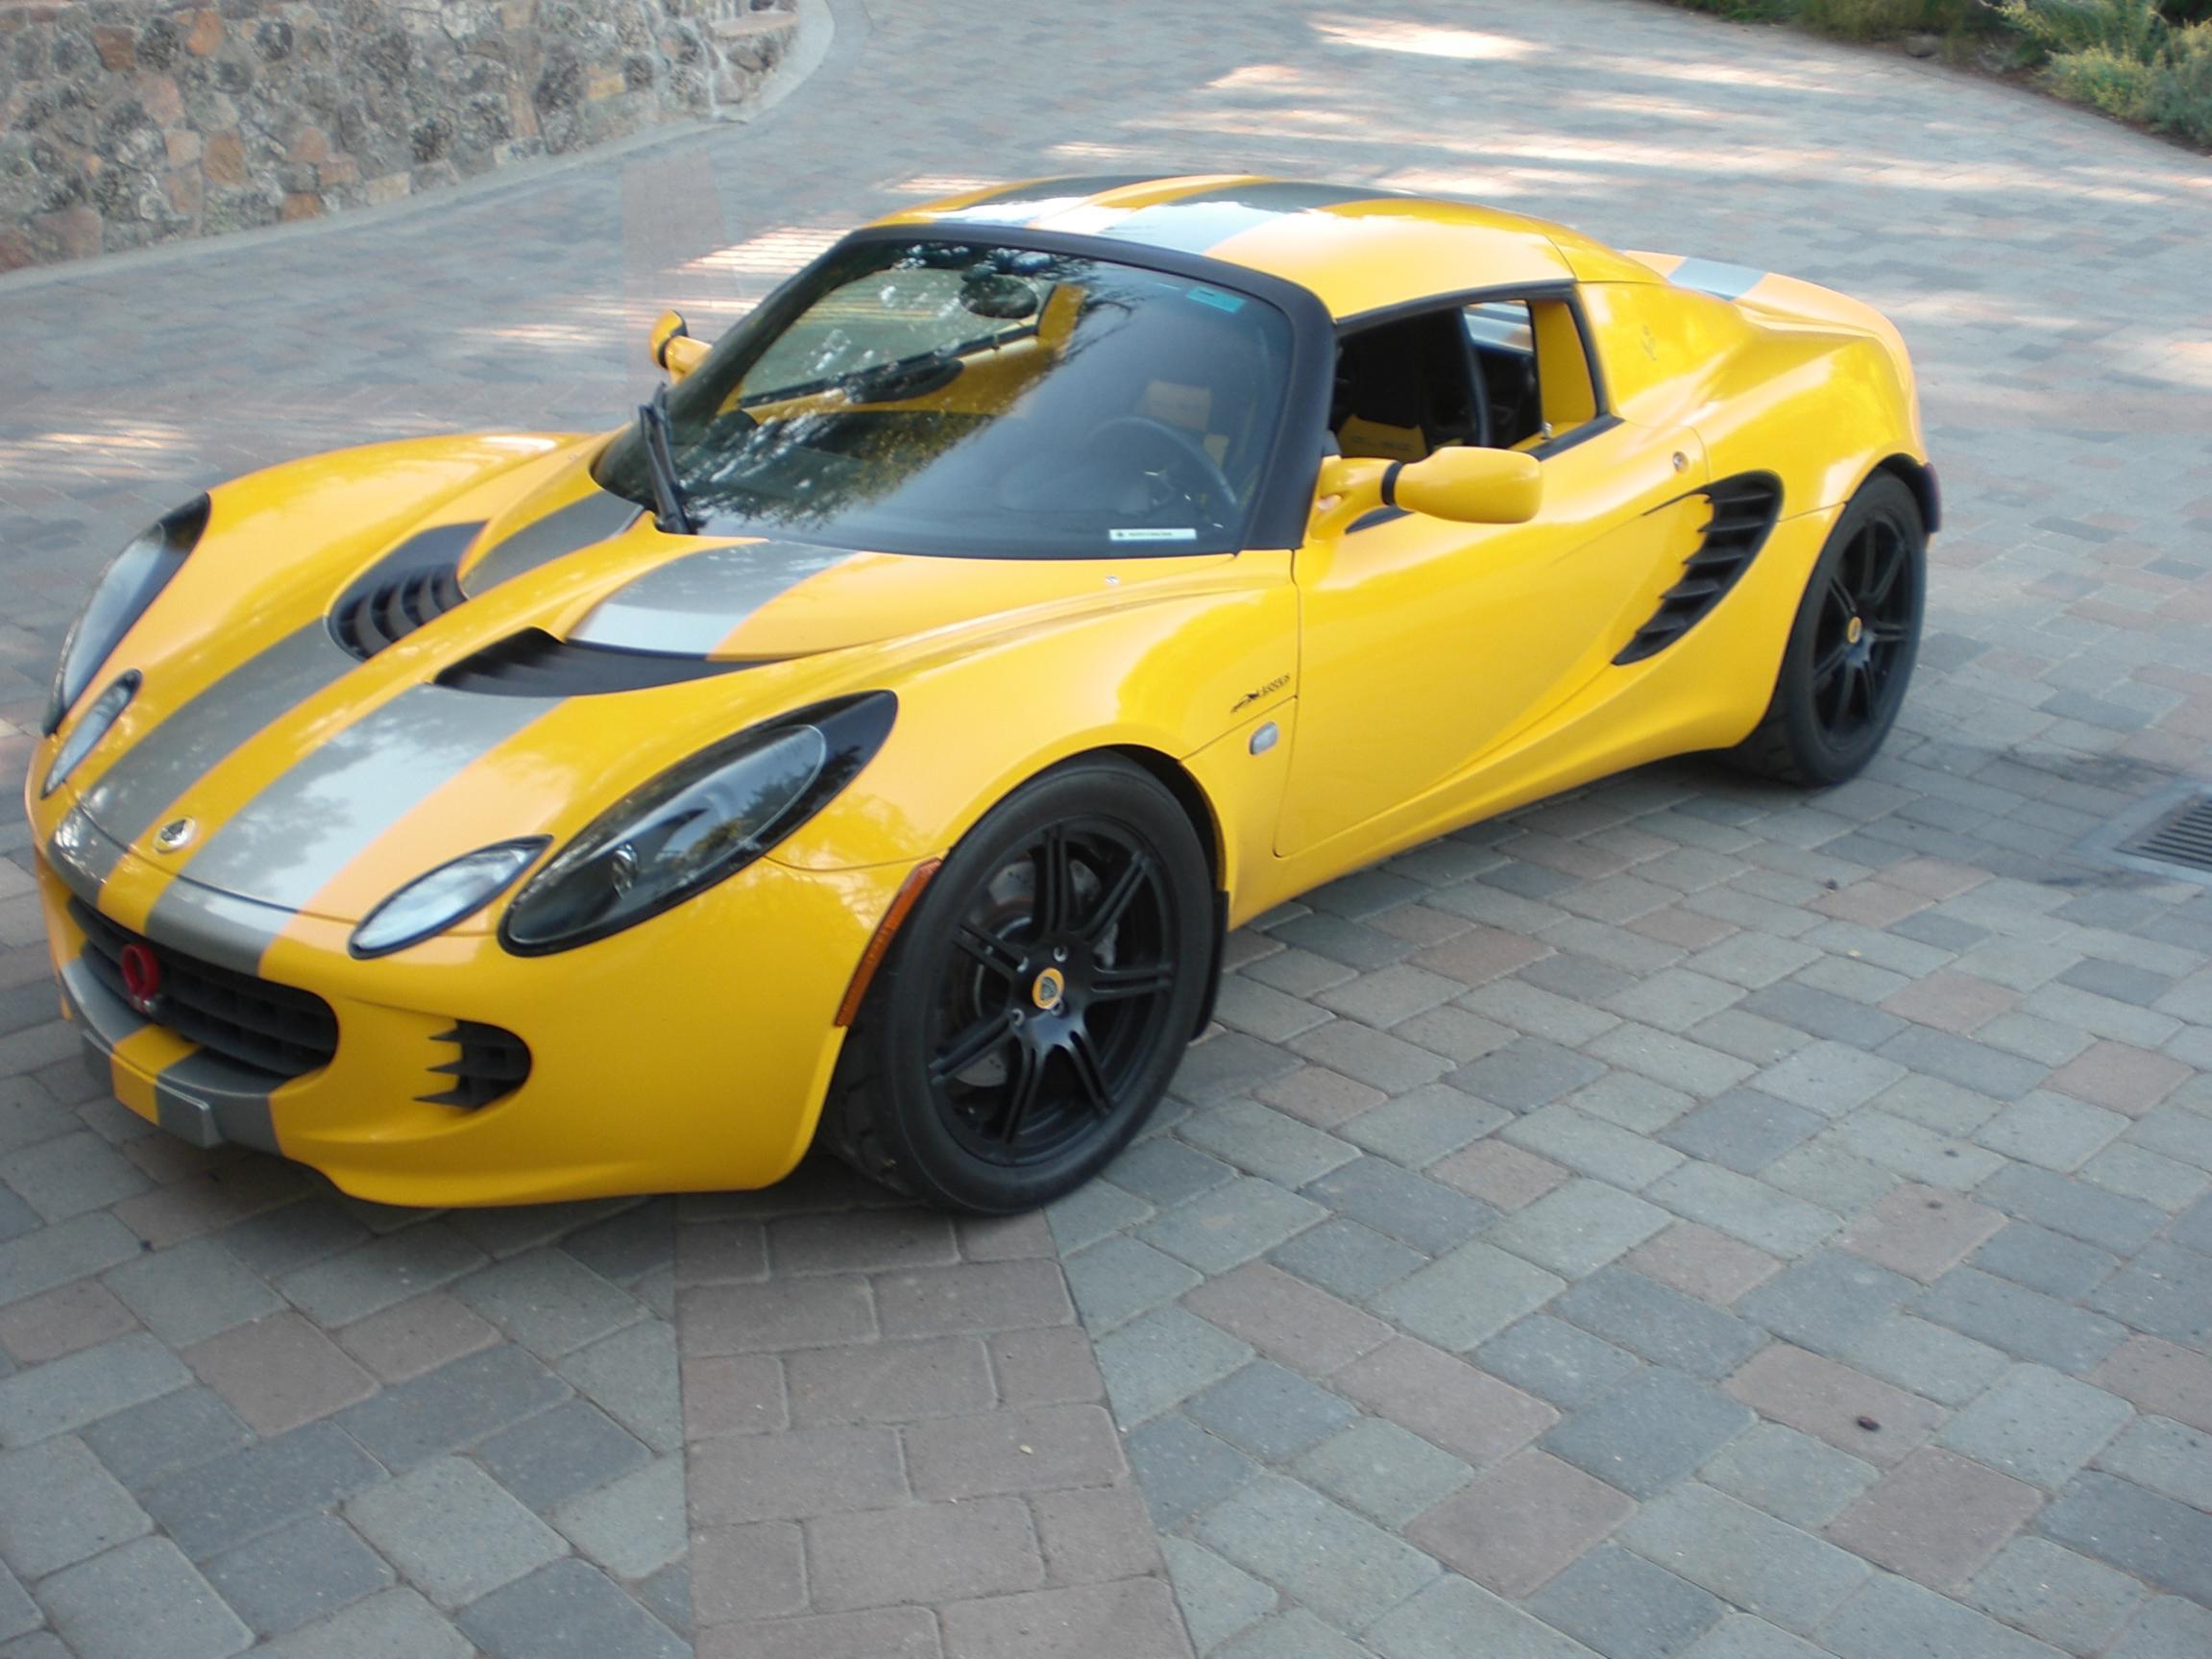 dubbi su colore lotus elise 151230d1281621431-lotus-sport-elise-sale-2006-9776-miles-cimg2050